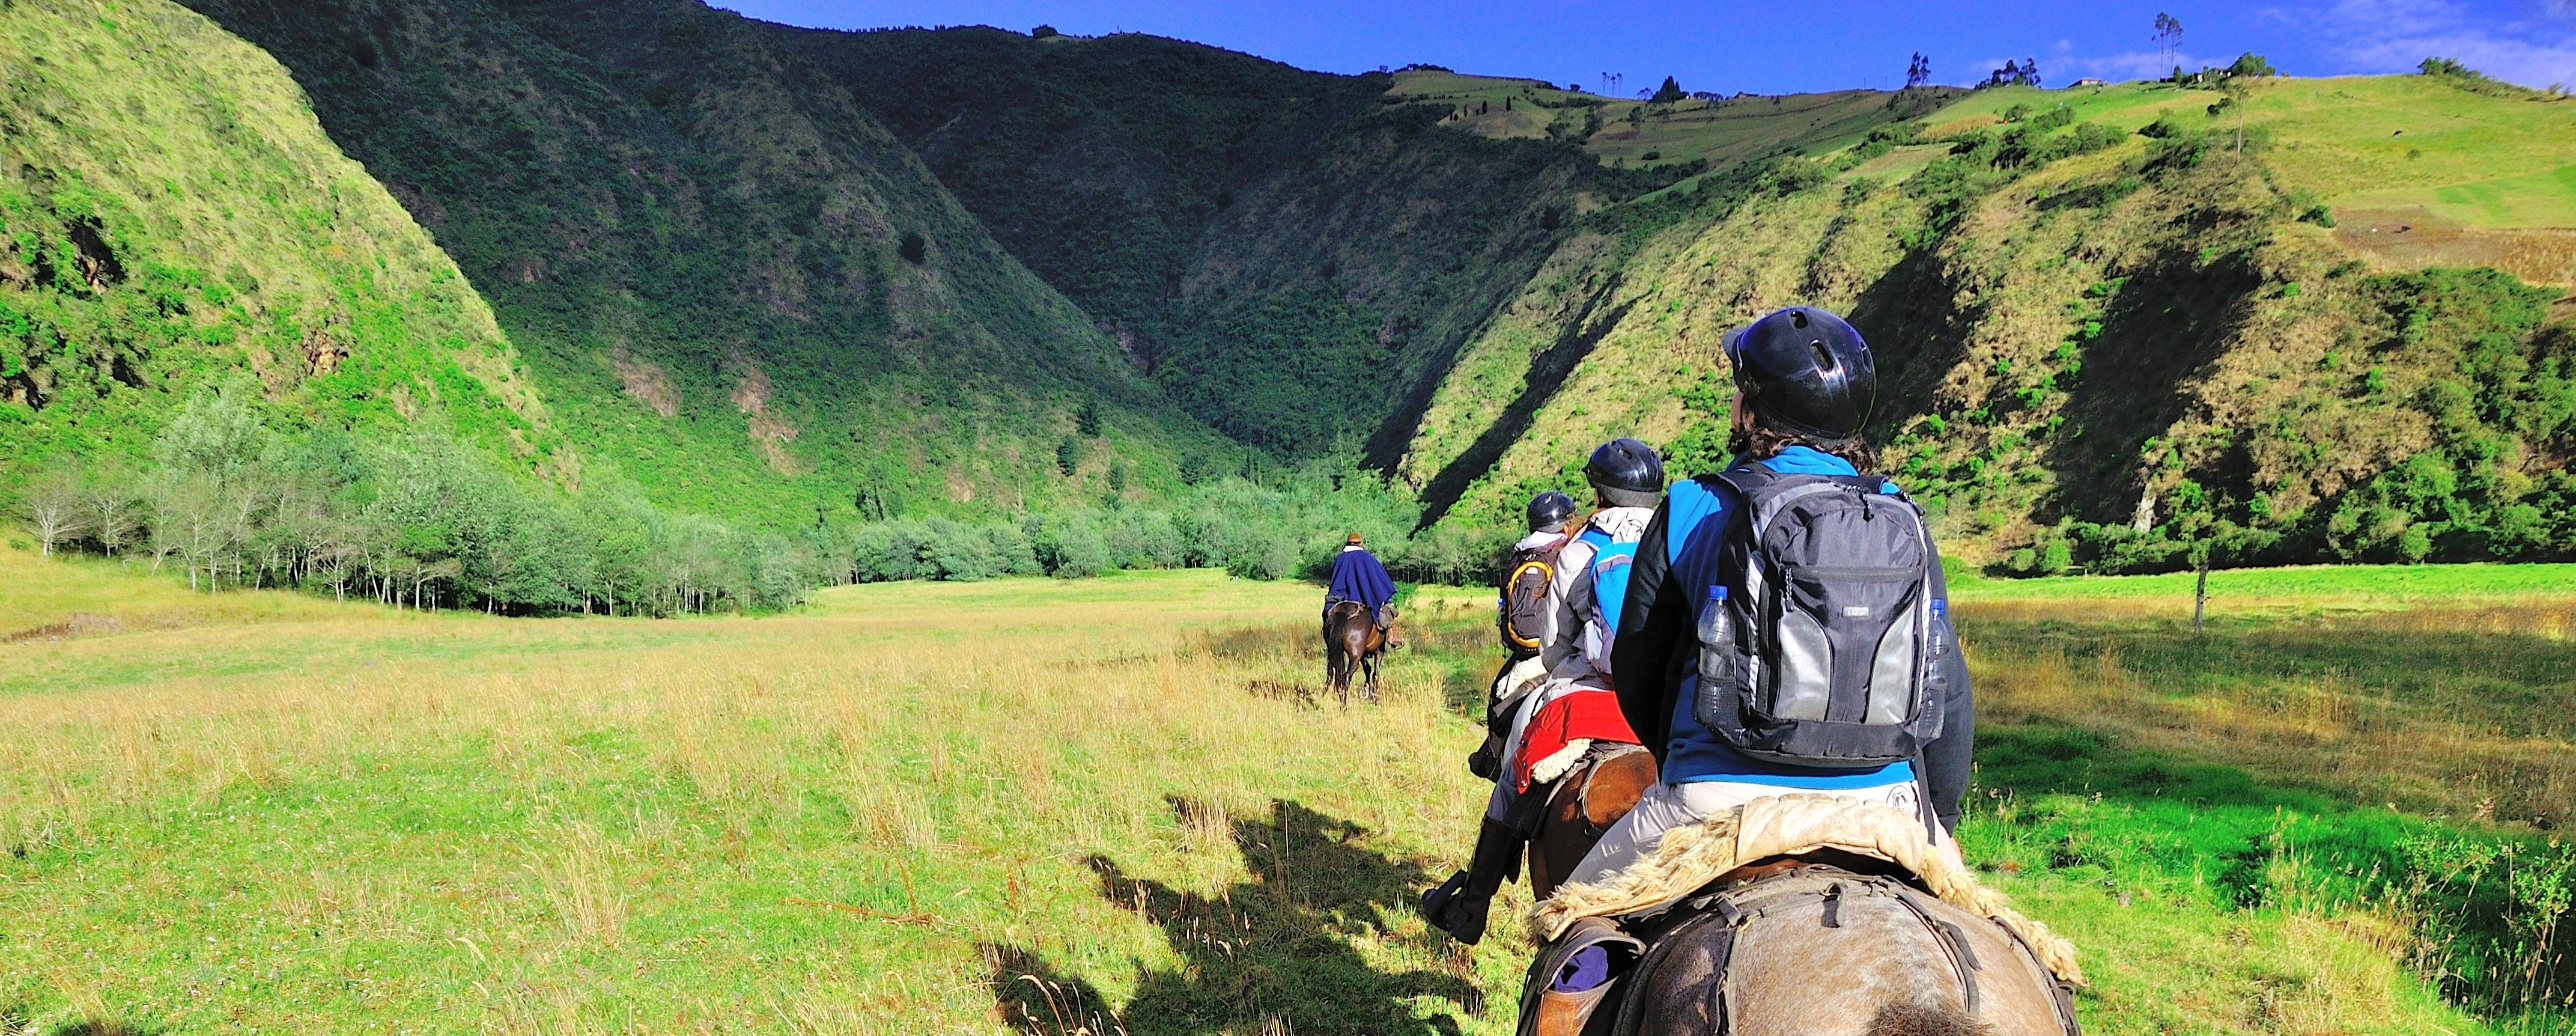 horse-riding-otavalo-ecuador